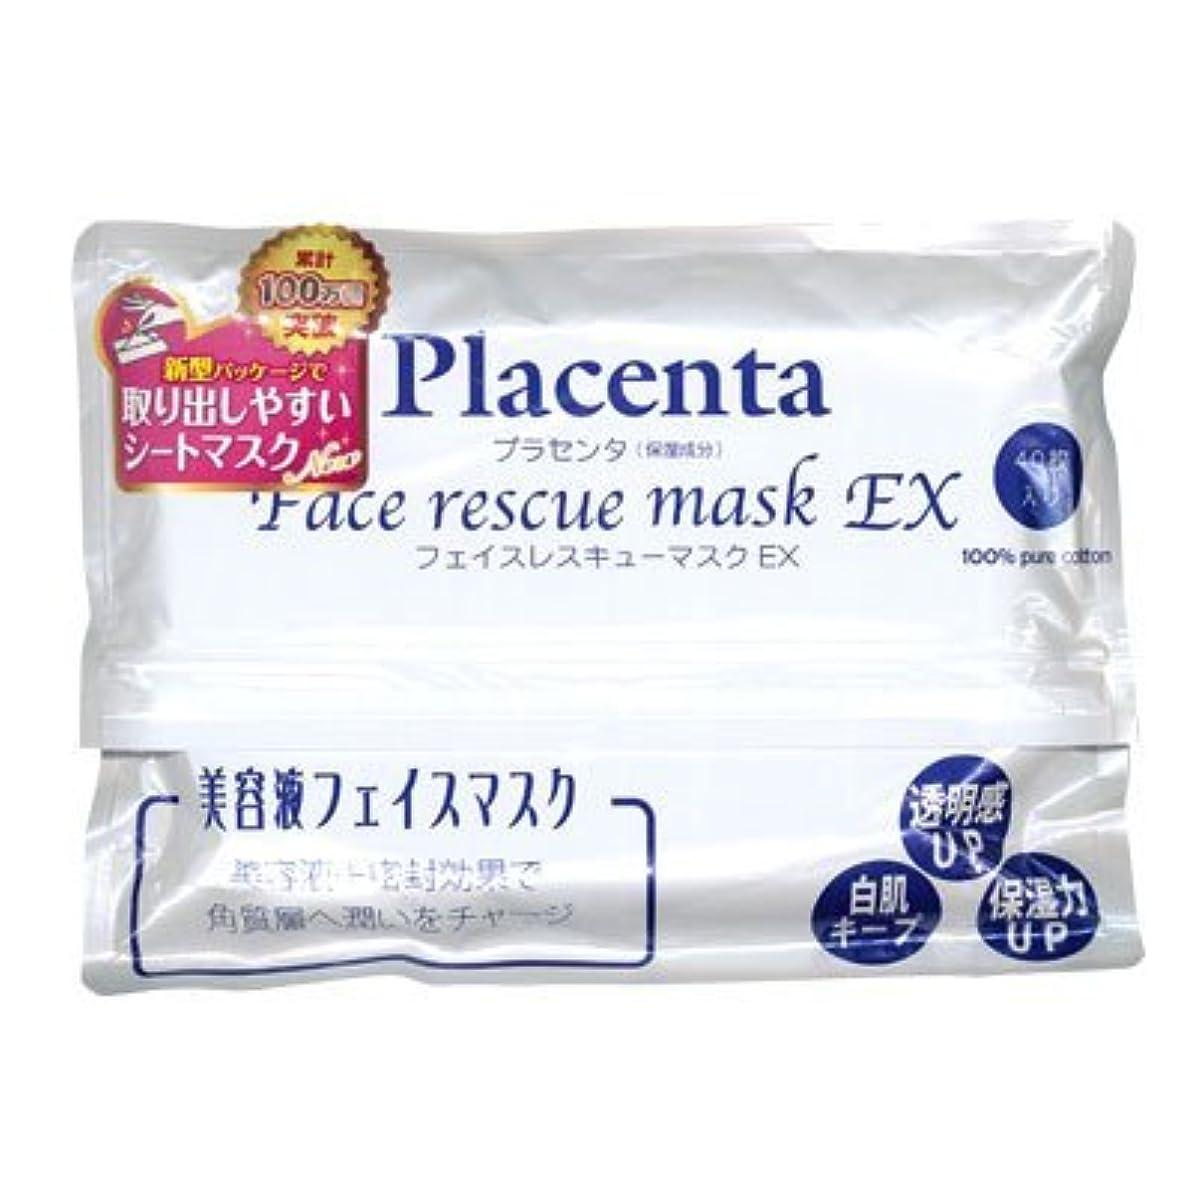 シールスカルク科学プラセンタ フェイスレスキューマスク EX 40枚入り